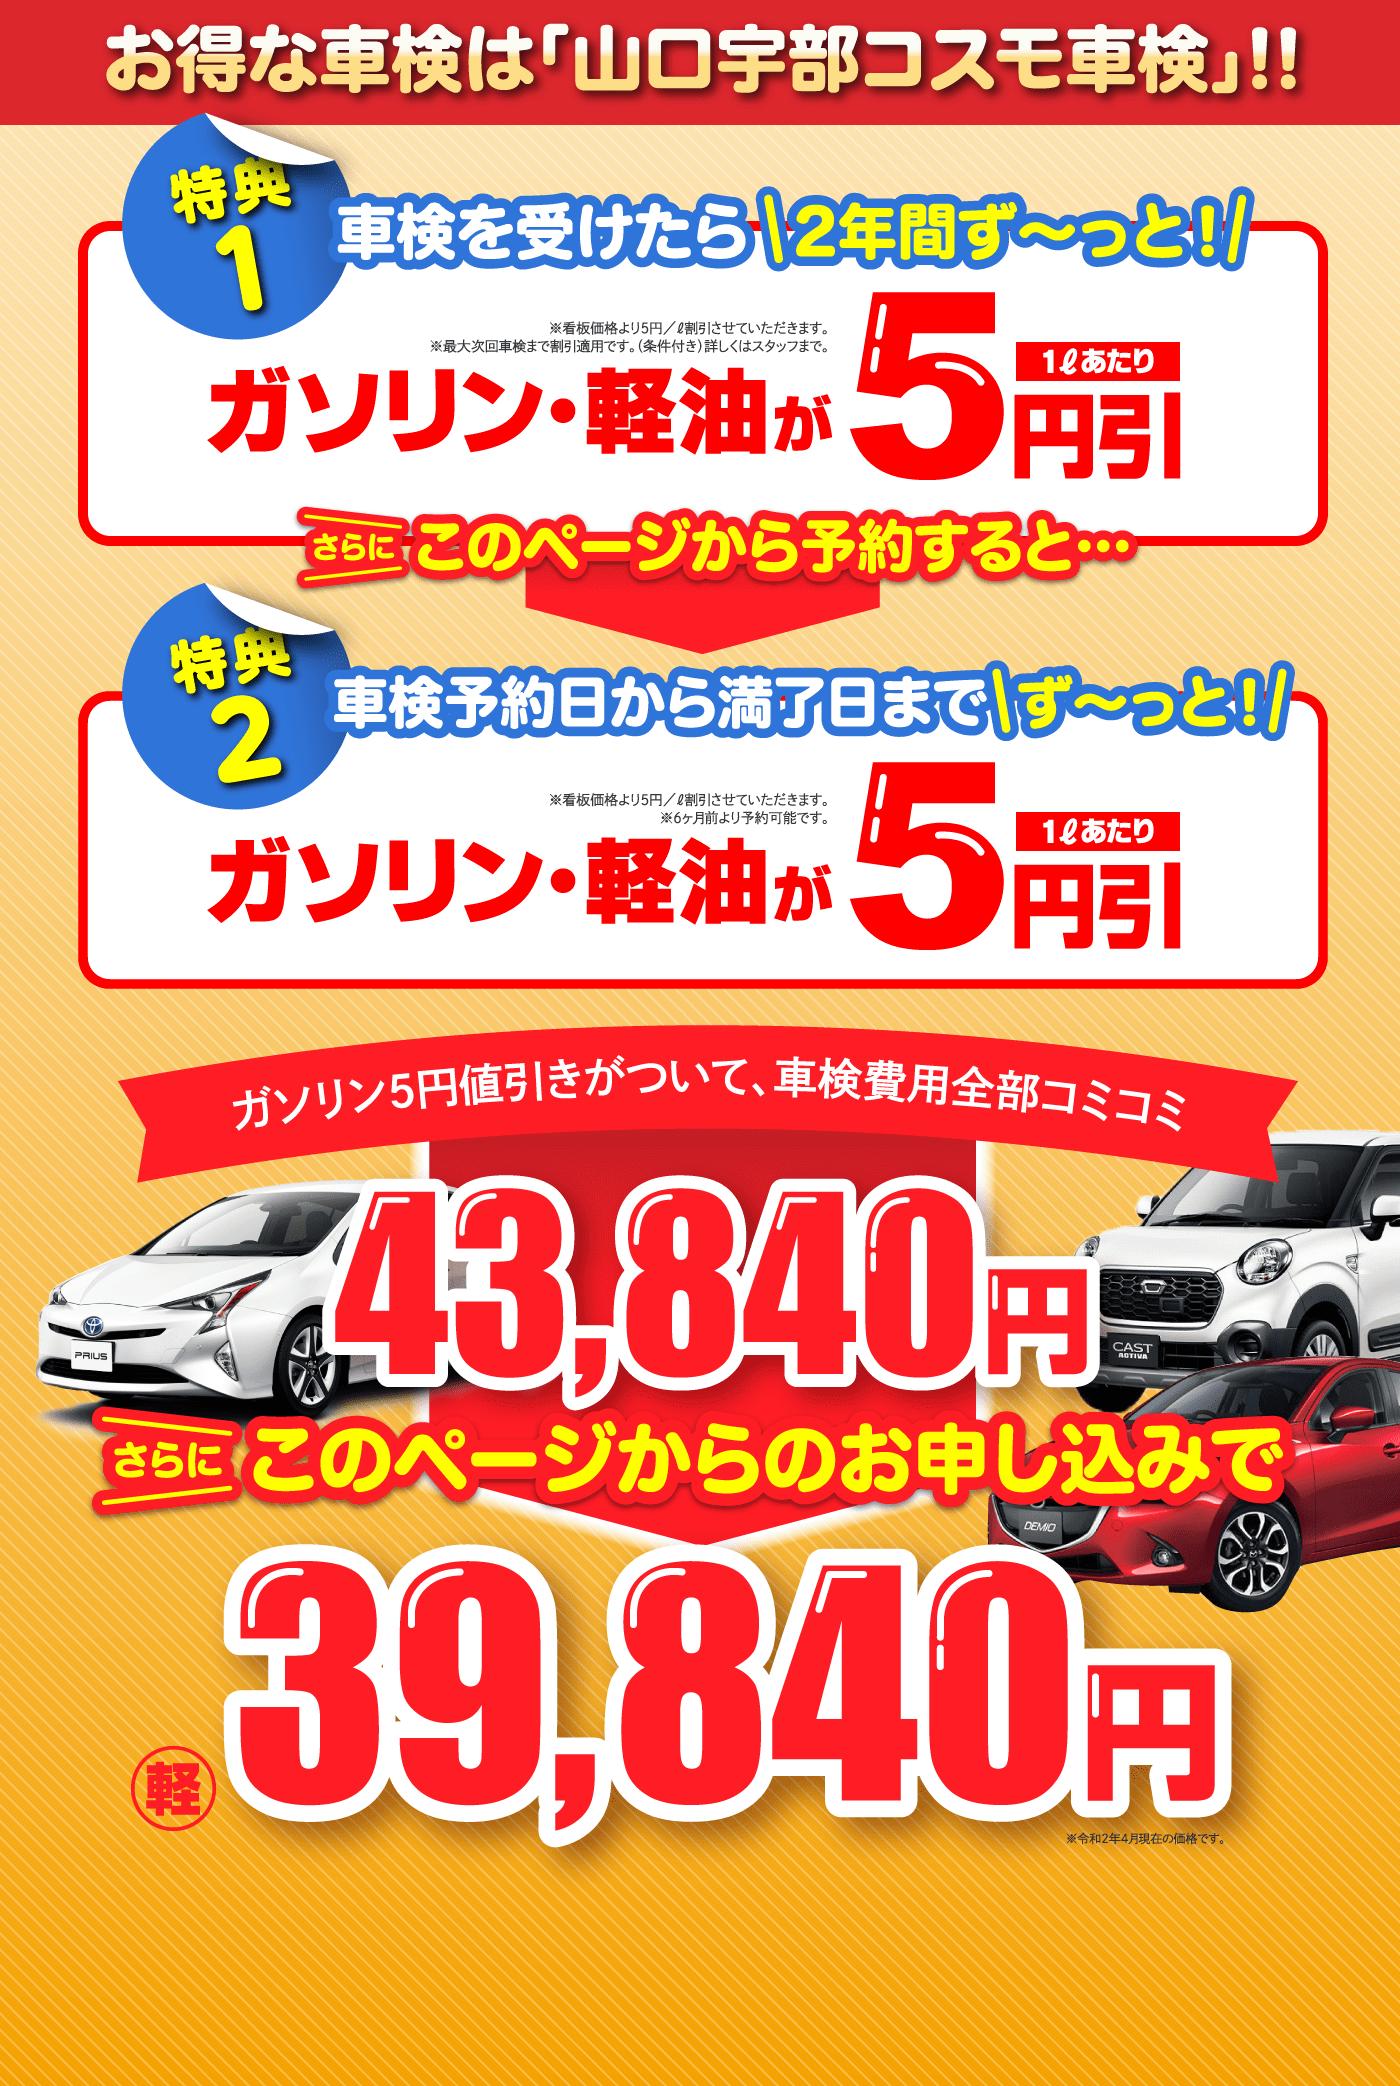 山口宇部コスモ車検の2大特典